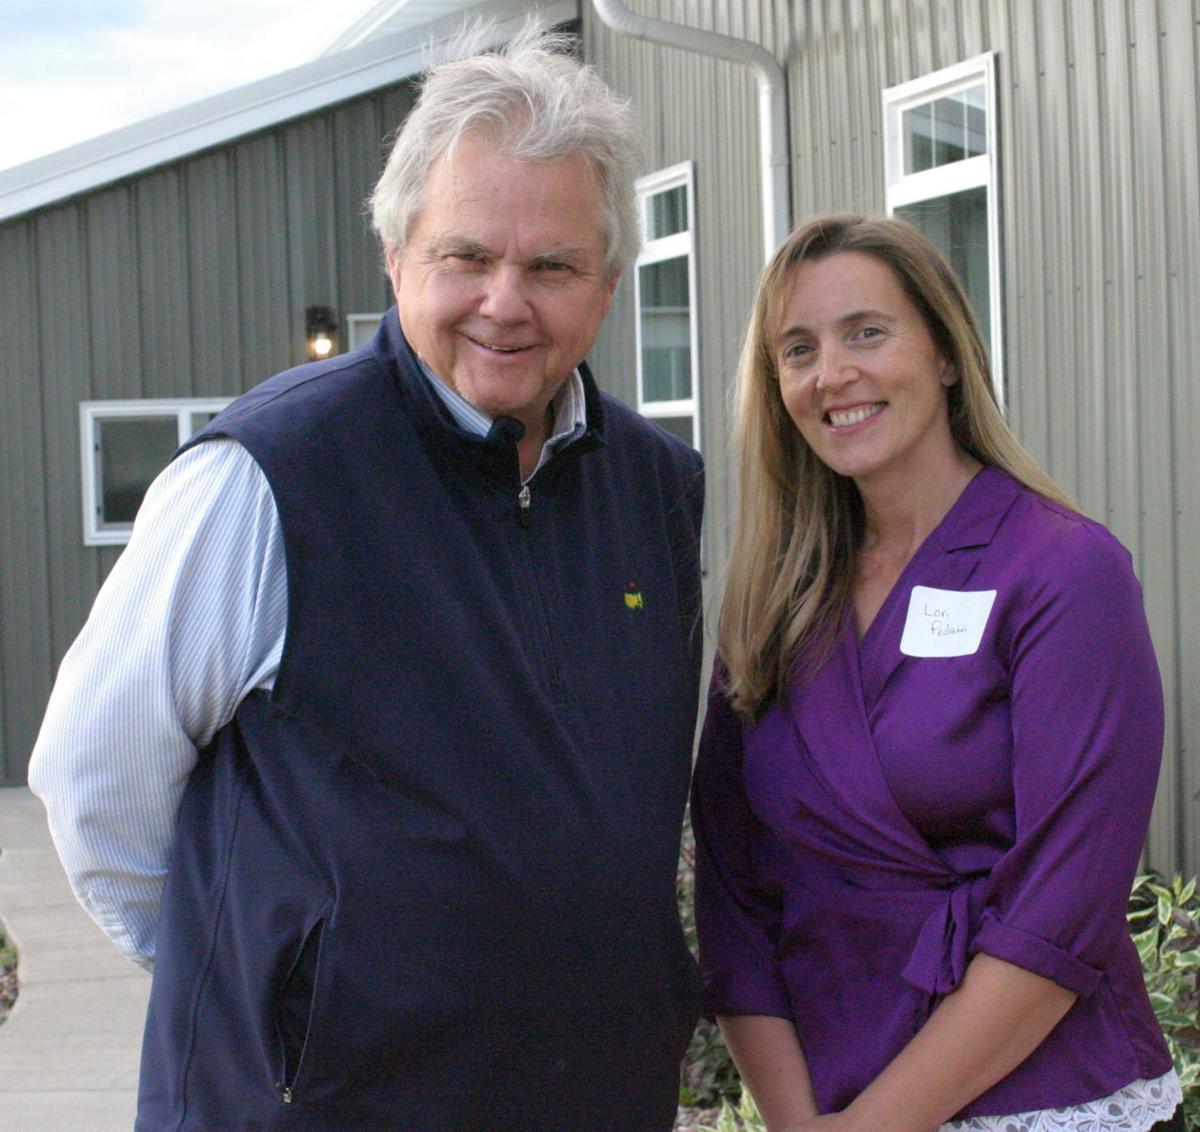 Tom Thibodeau and Lori Pedretti